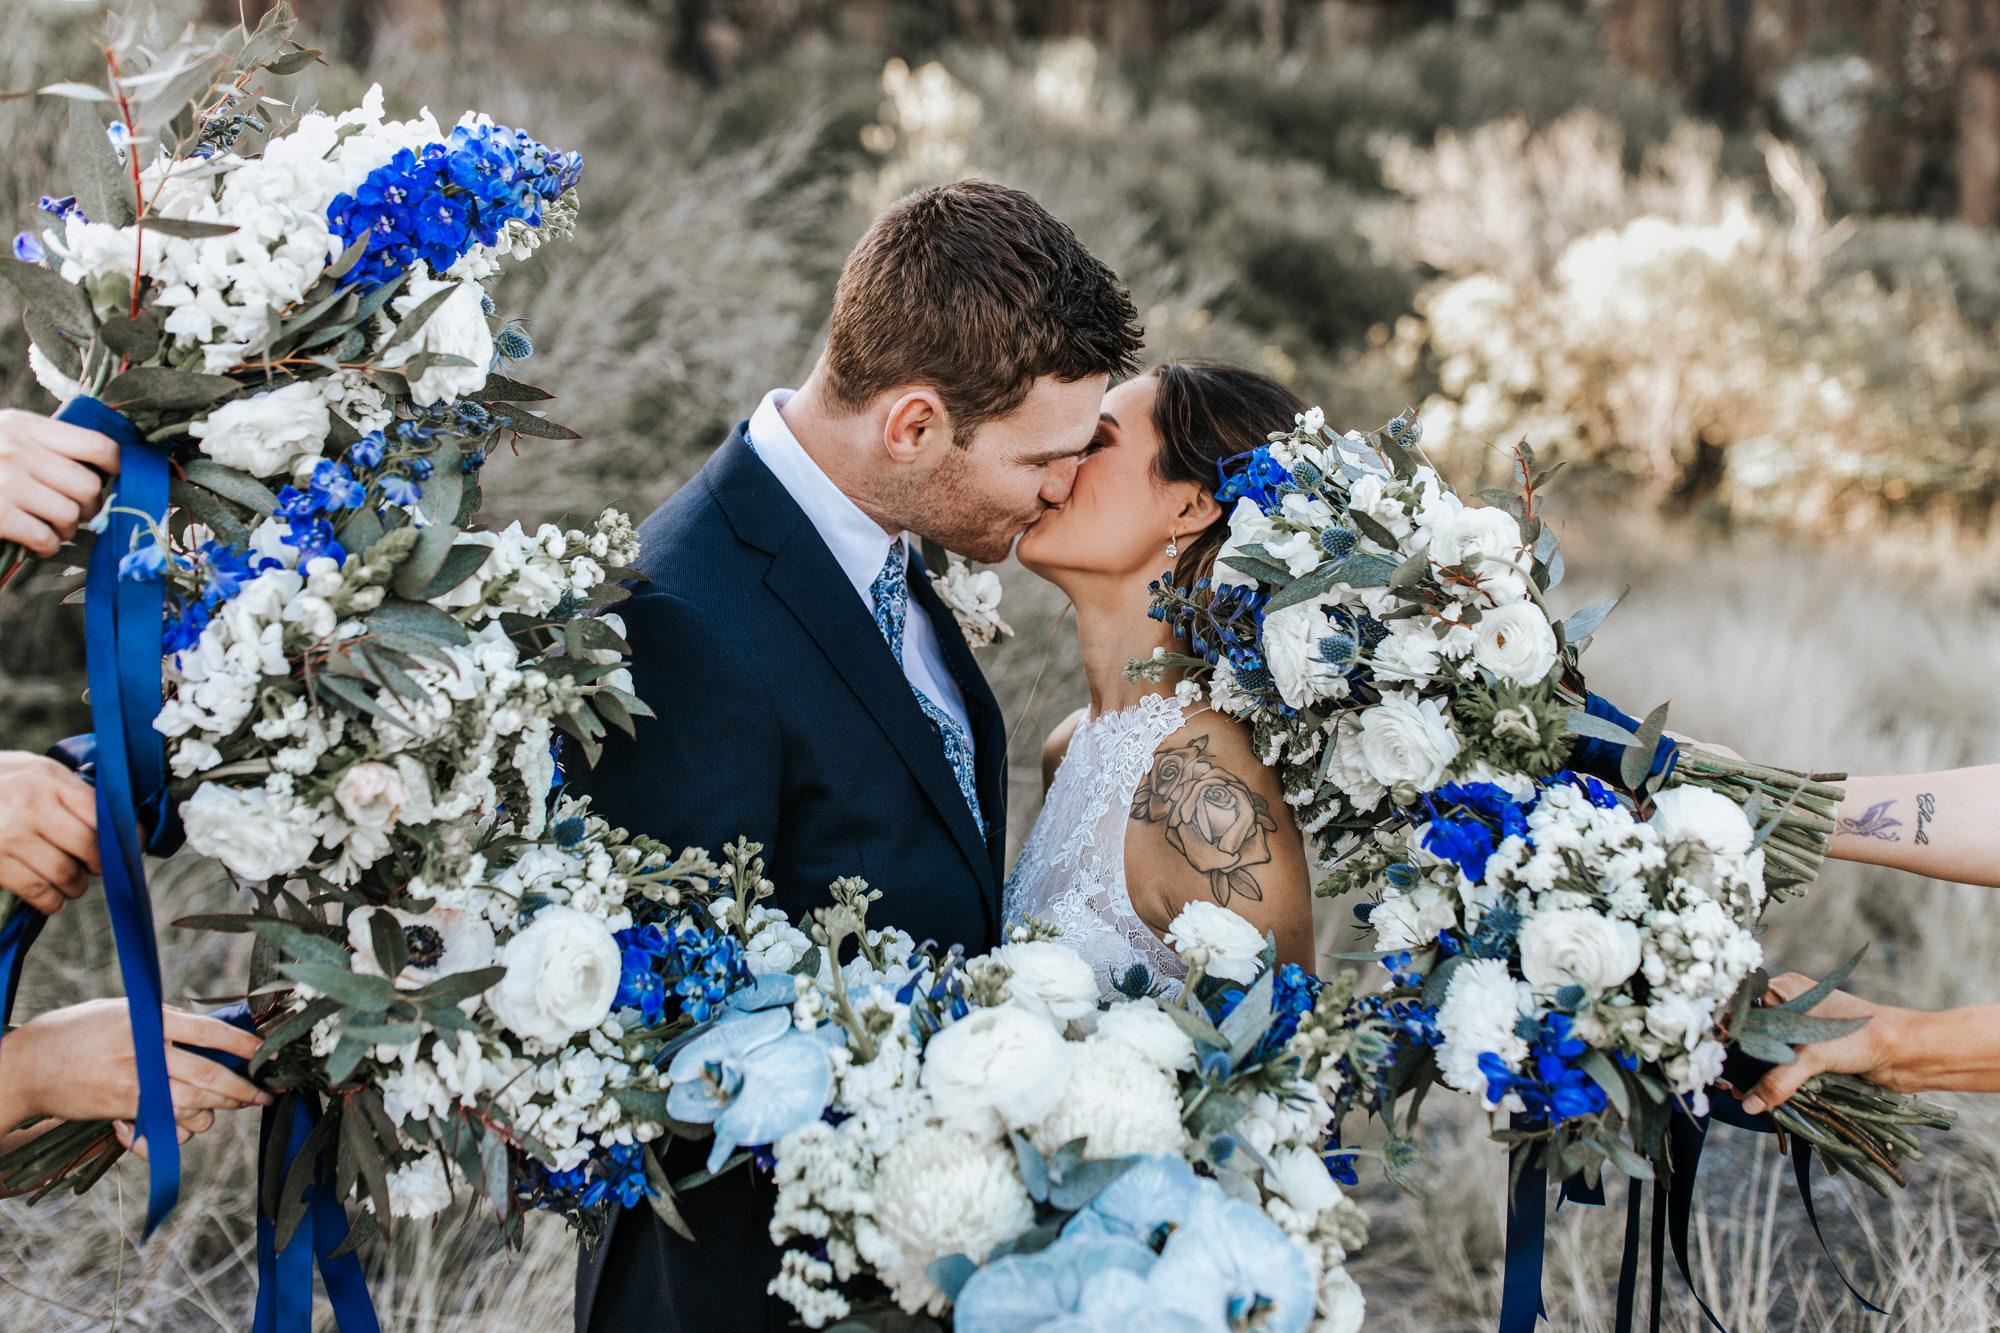 sebel-kiama-wedding-kaylee-braeden-49.jpg